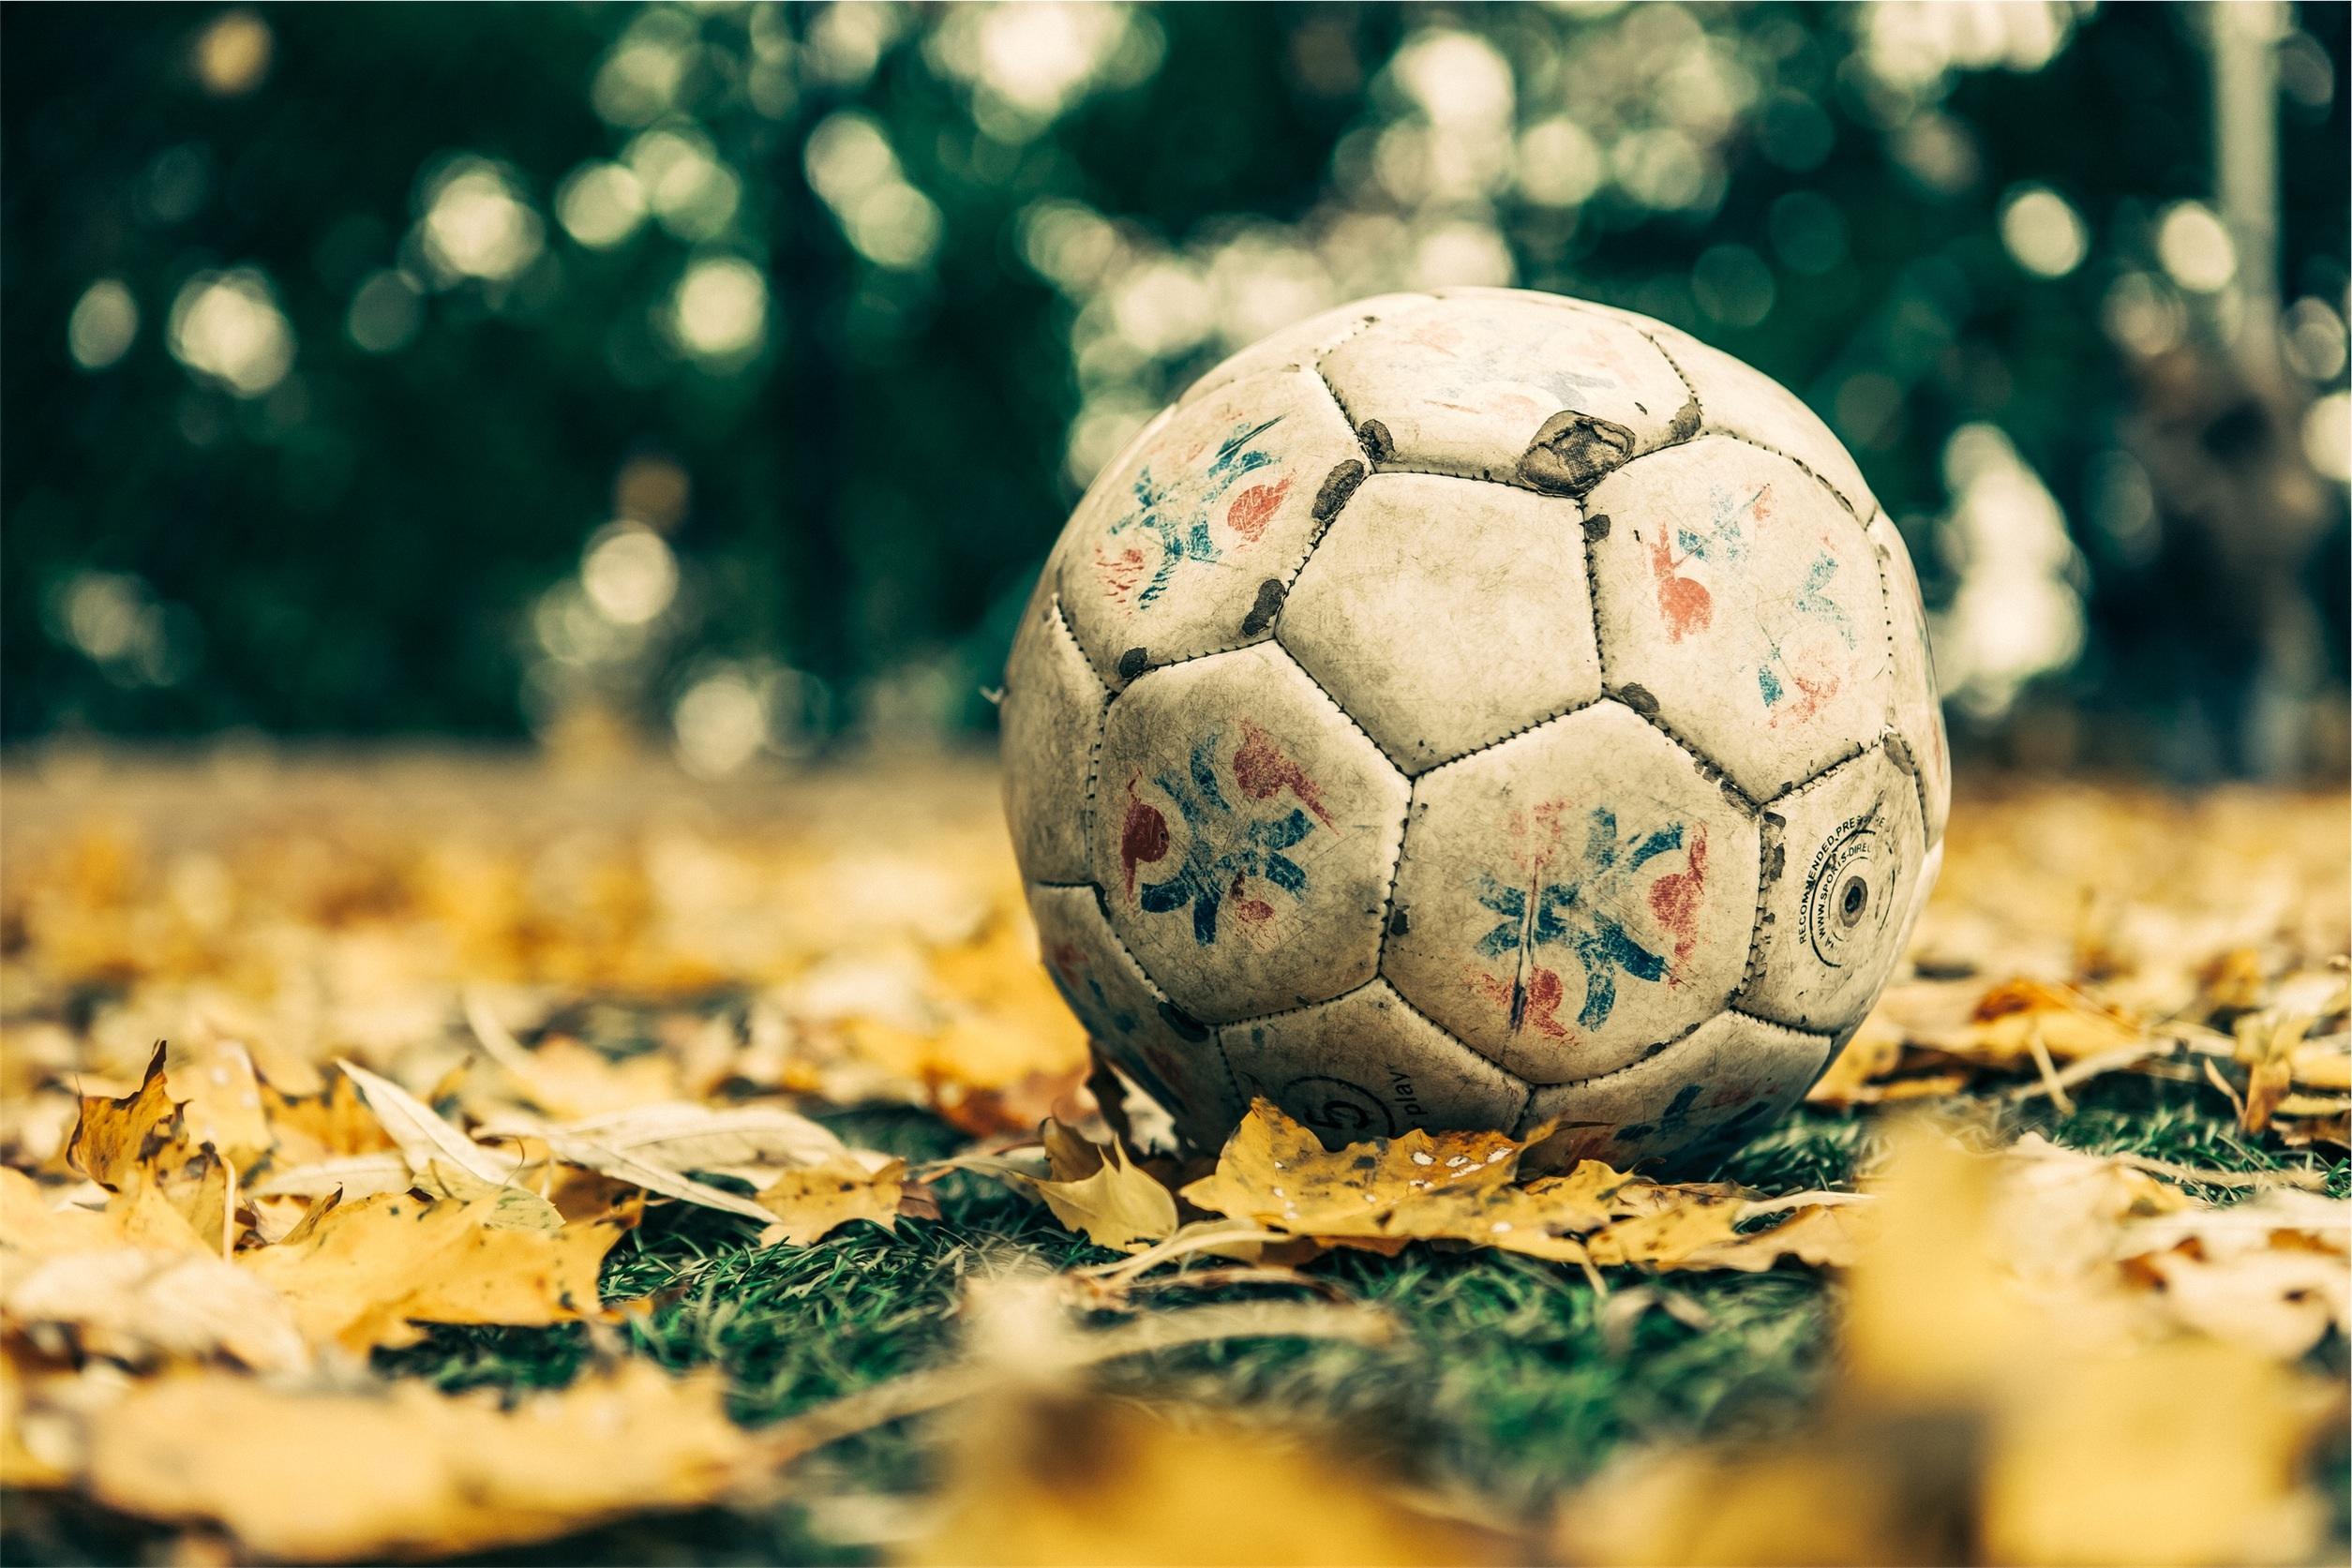 Ballon, Fußball, Blätter, Rasen, Grass, Kugel - Wallpaper HD - Prof.-falken.com